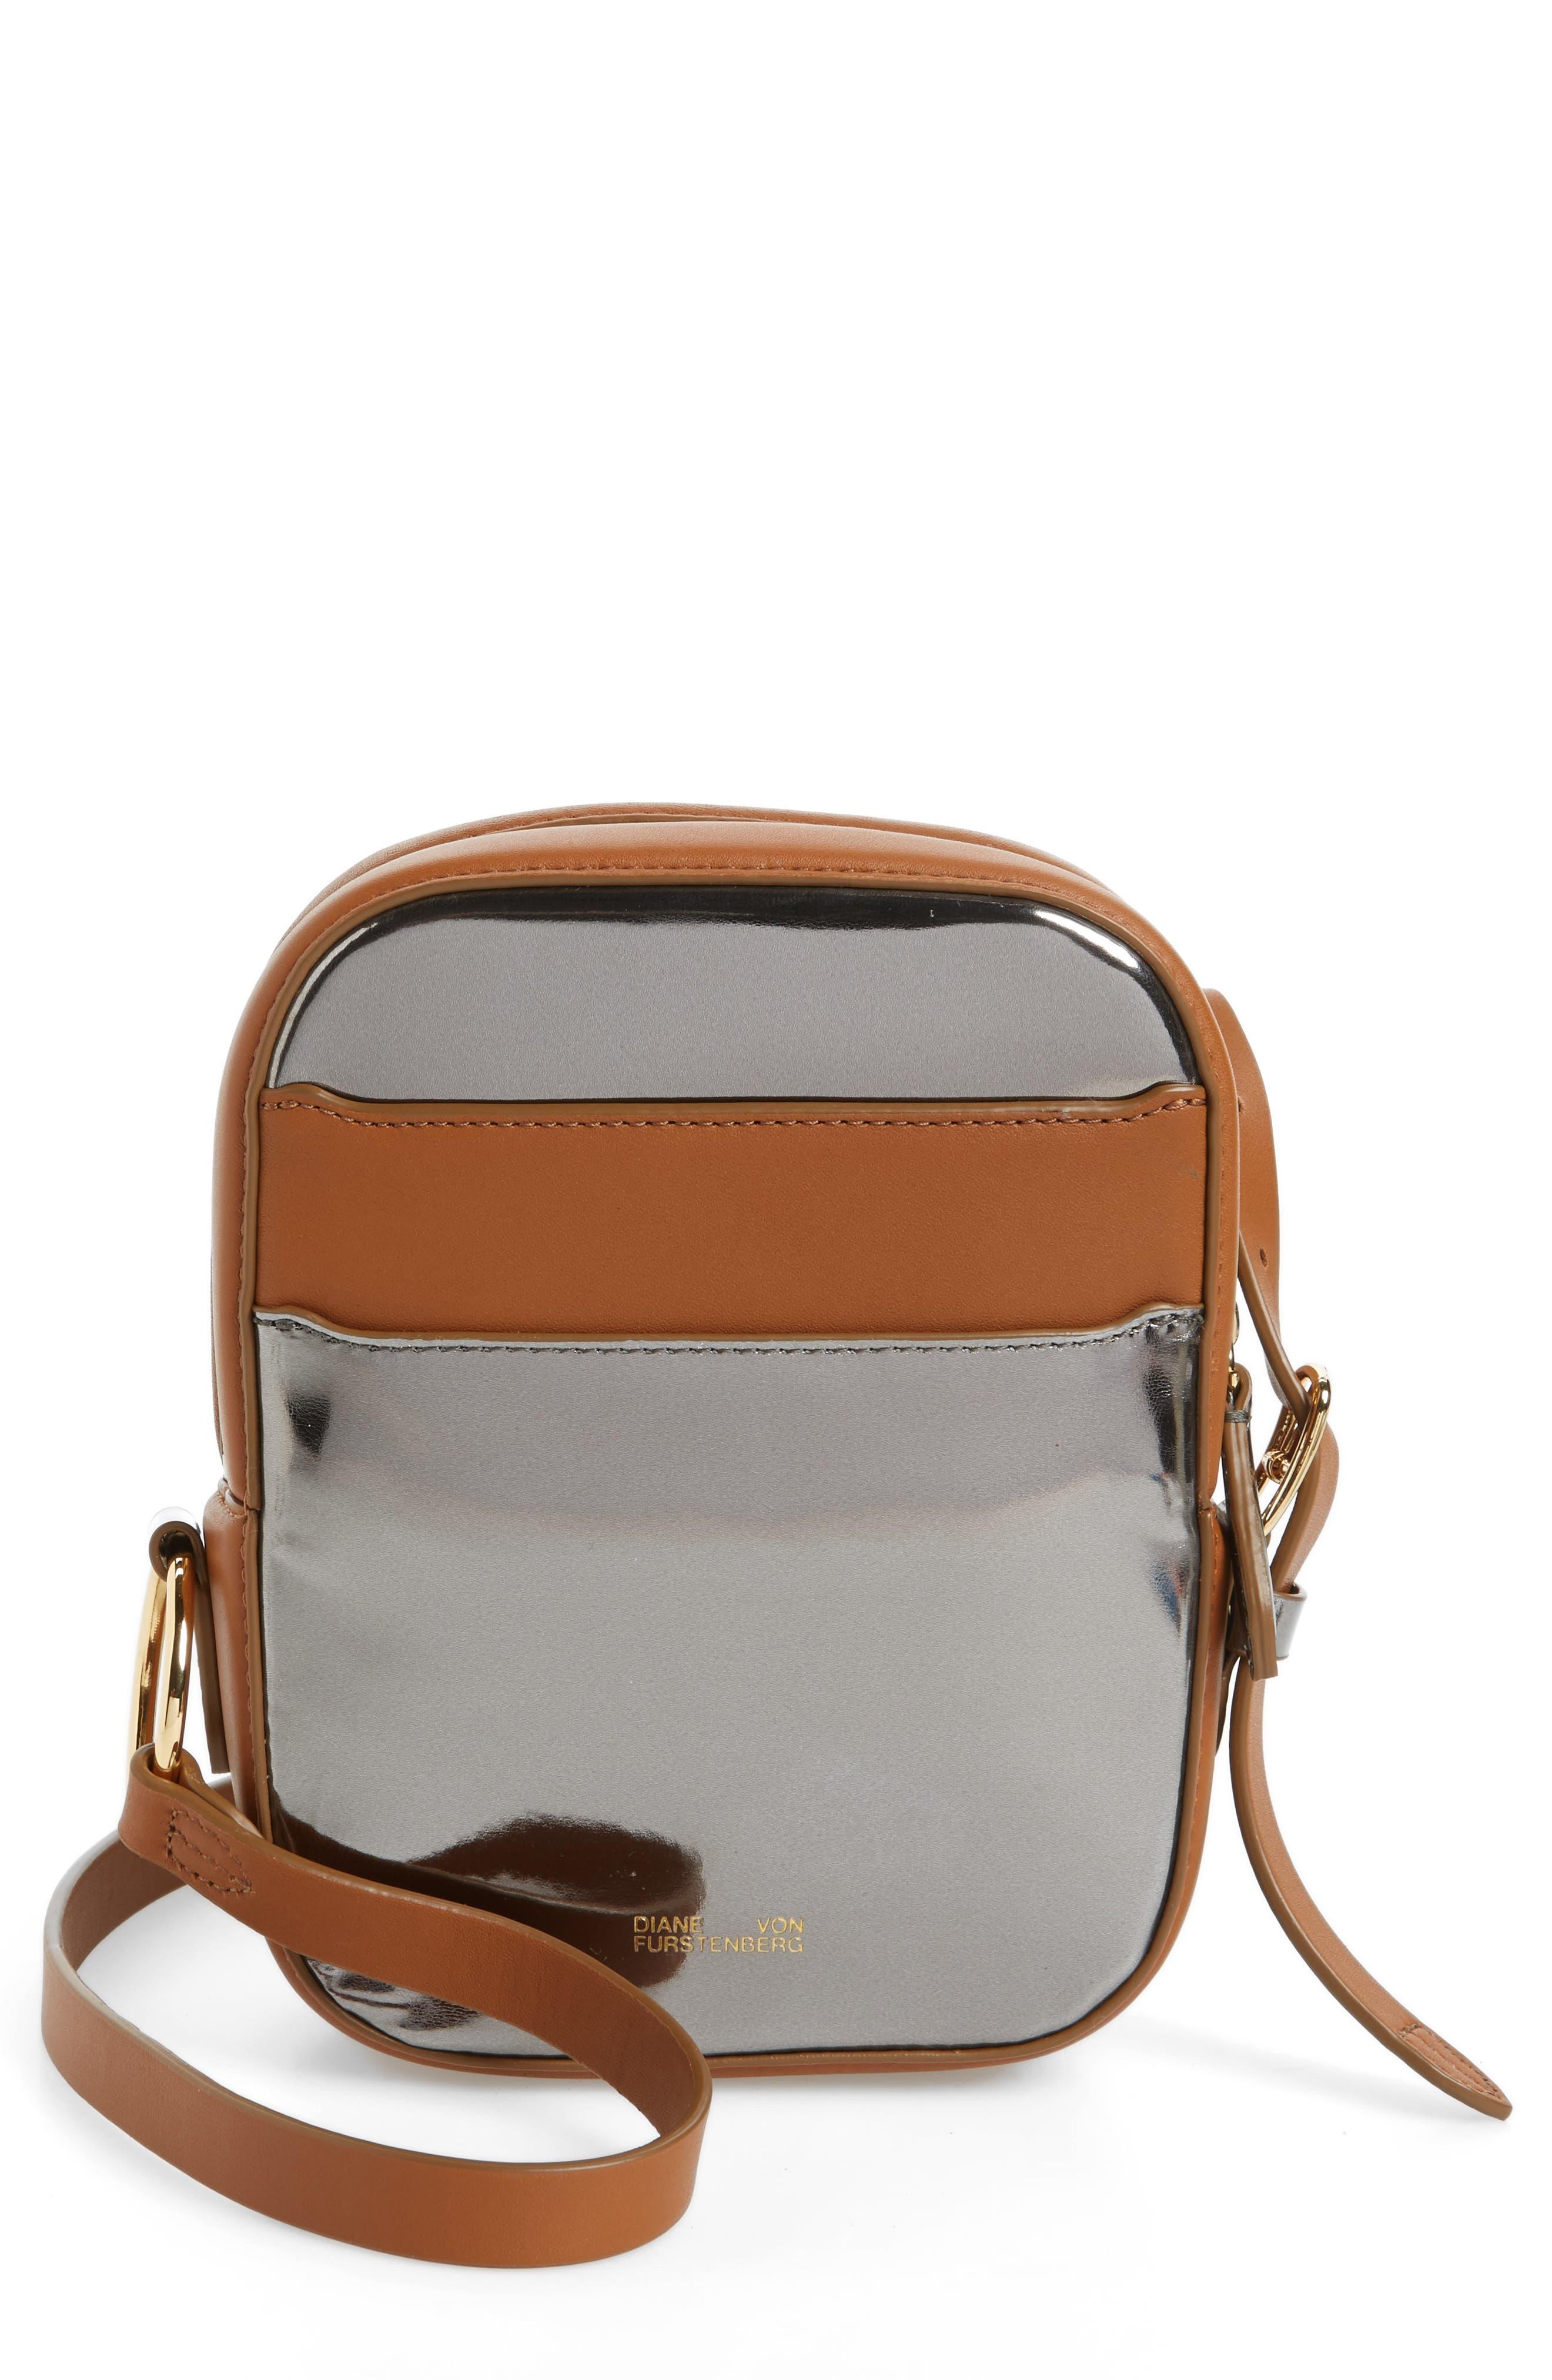 Alternate Image 1 Selected - Diane von Furstenberg Specchio Leather Camera Bag